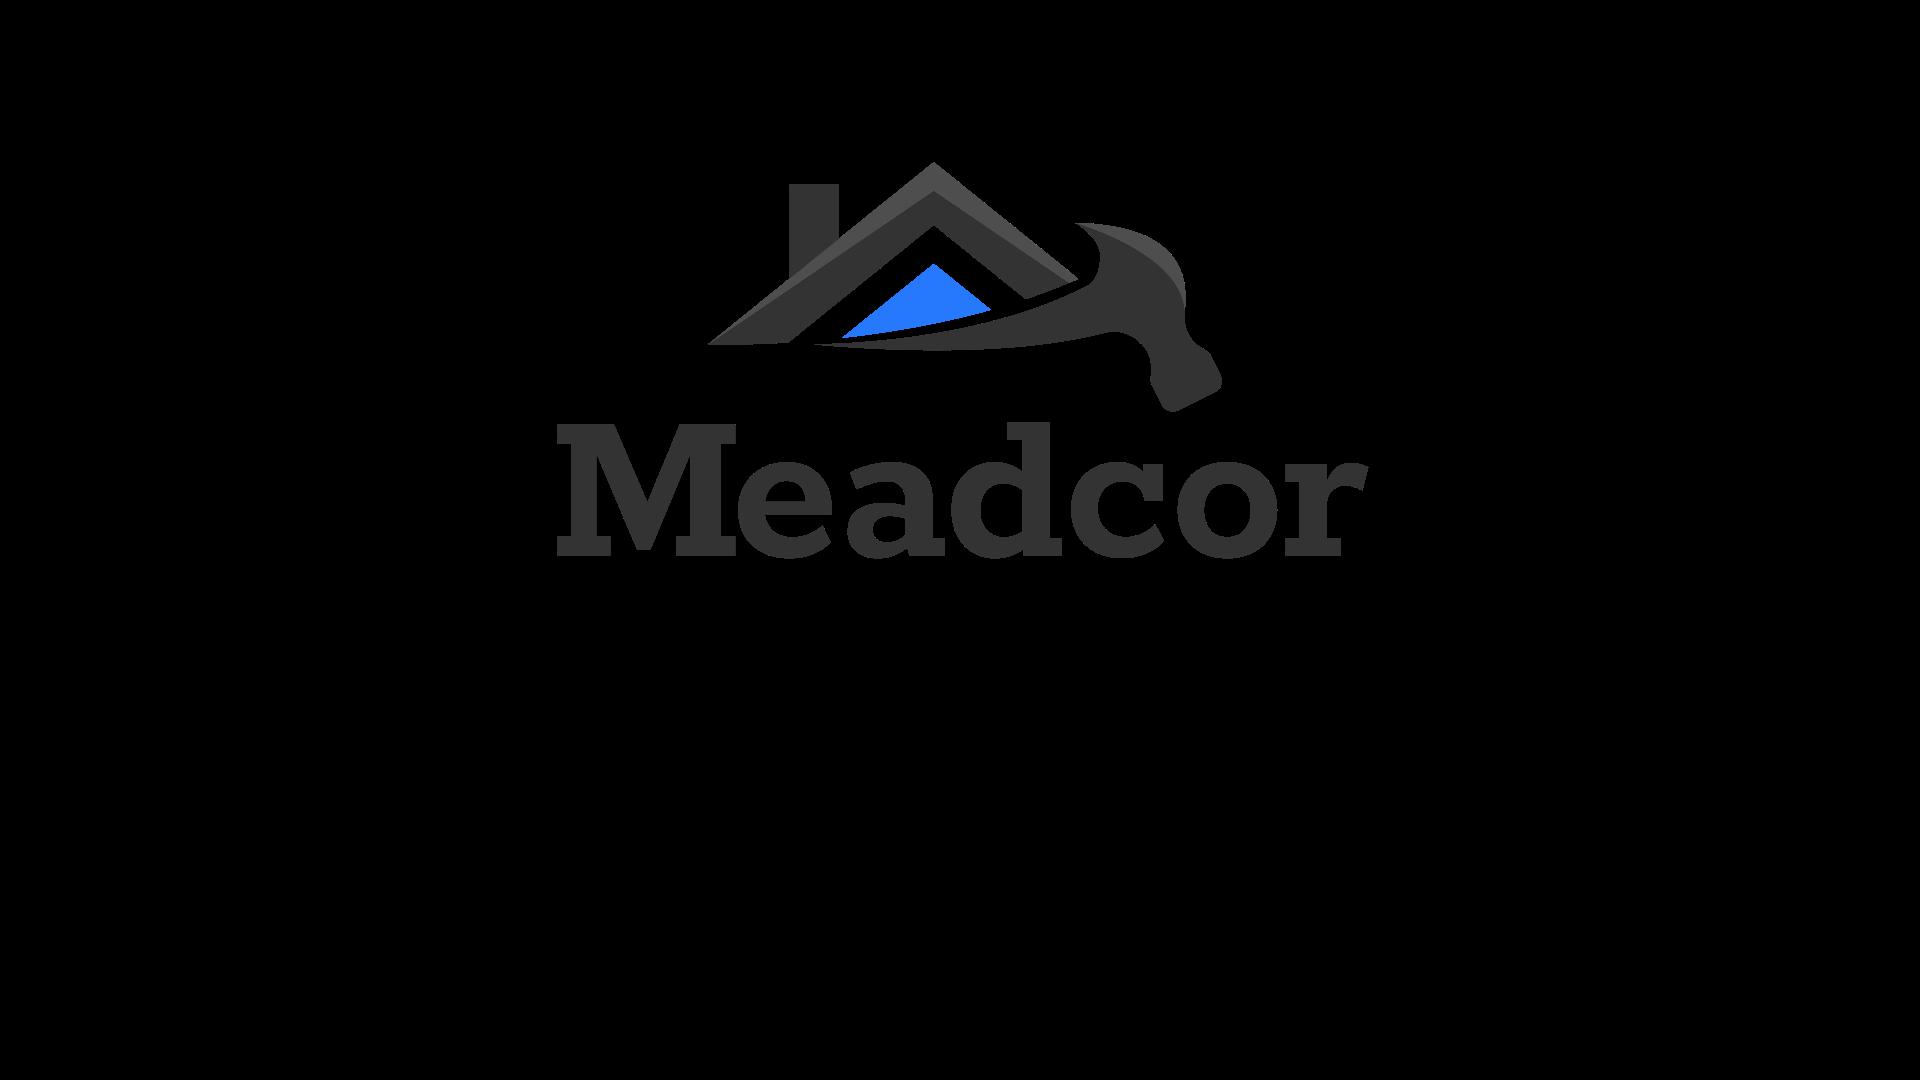 Meadcor  logo